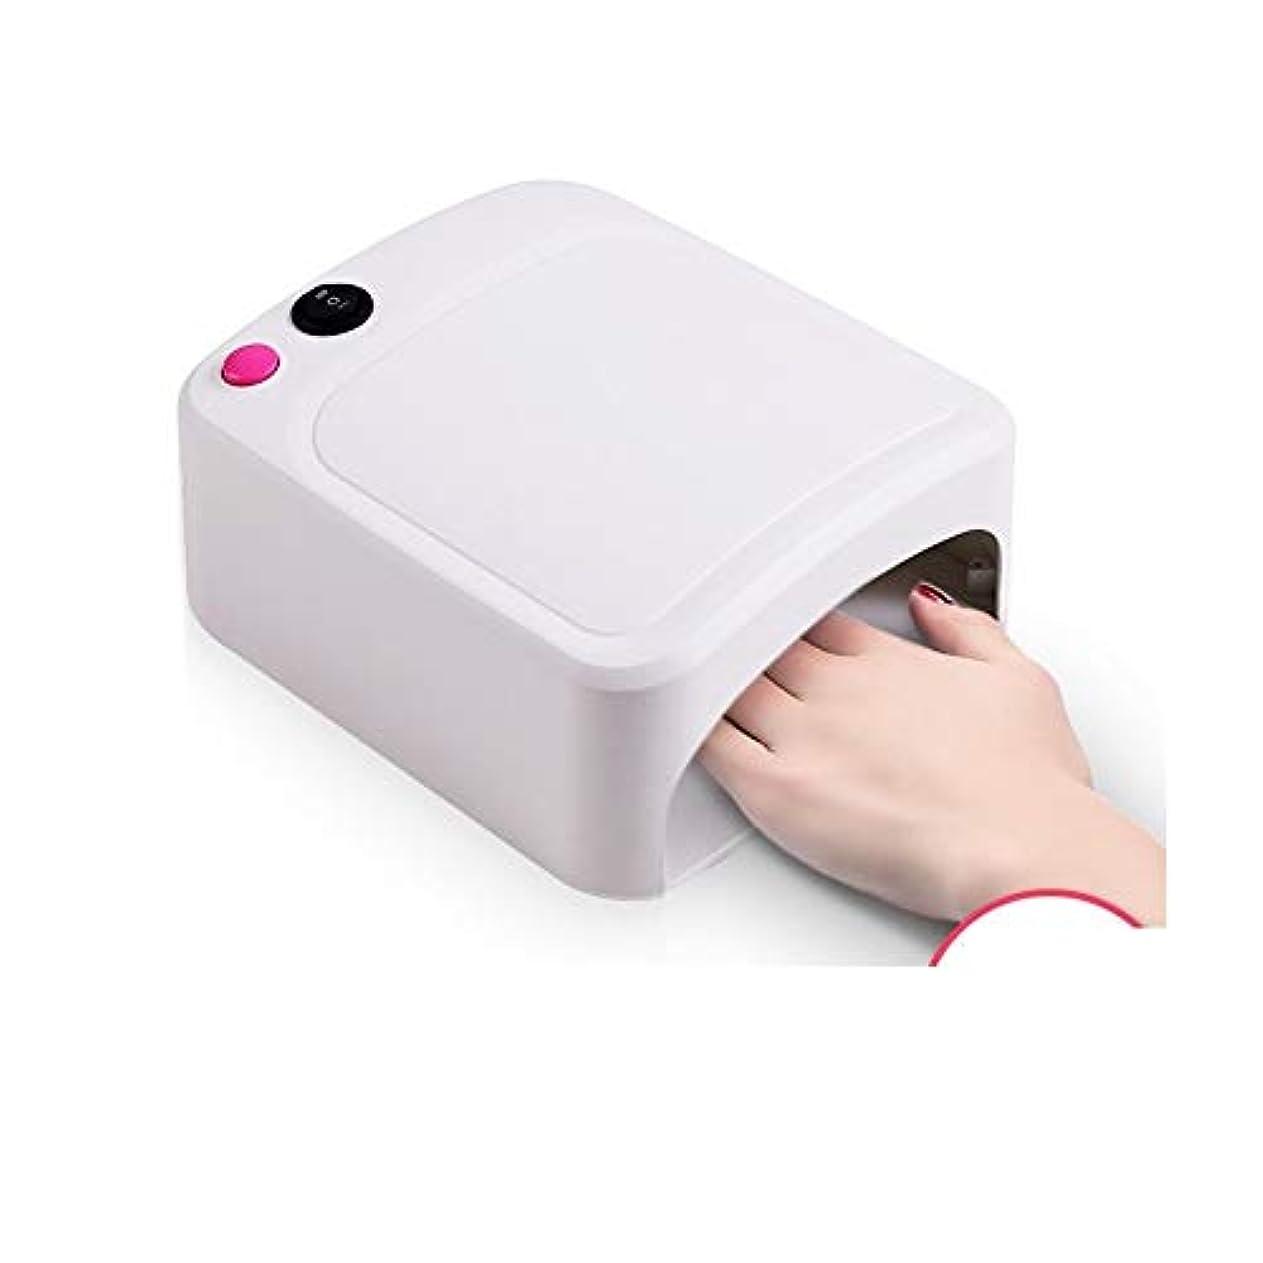 悲鳴デザイナー和らげるLittleCat 米国の規制110VフラットプラグネイルUVランプ36WライトセラピーマシンネイルネイルドライヤーUVランプヒートランプ (色 : White)